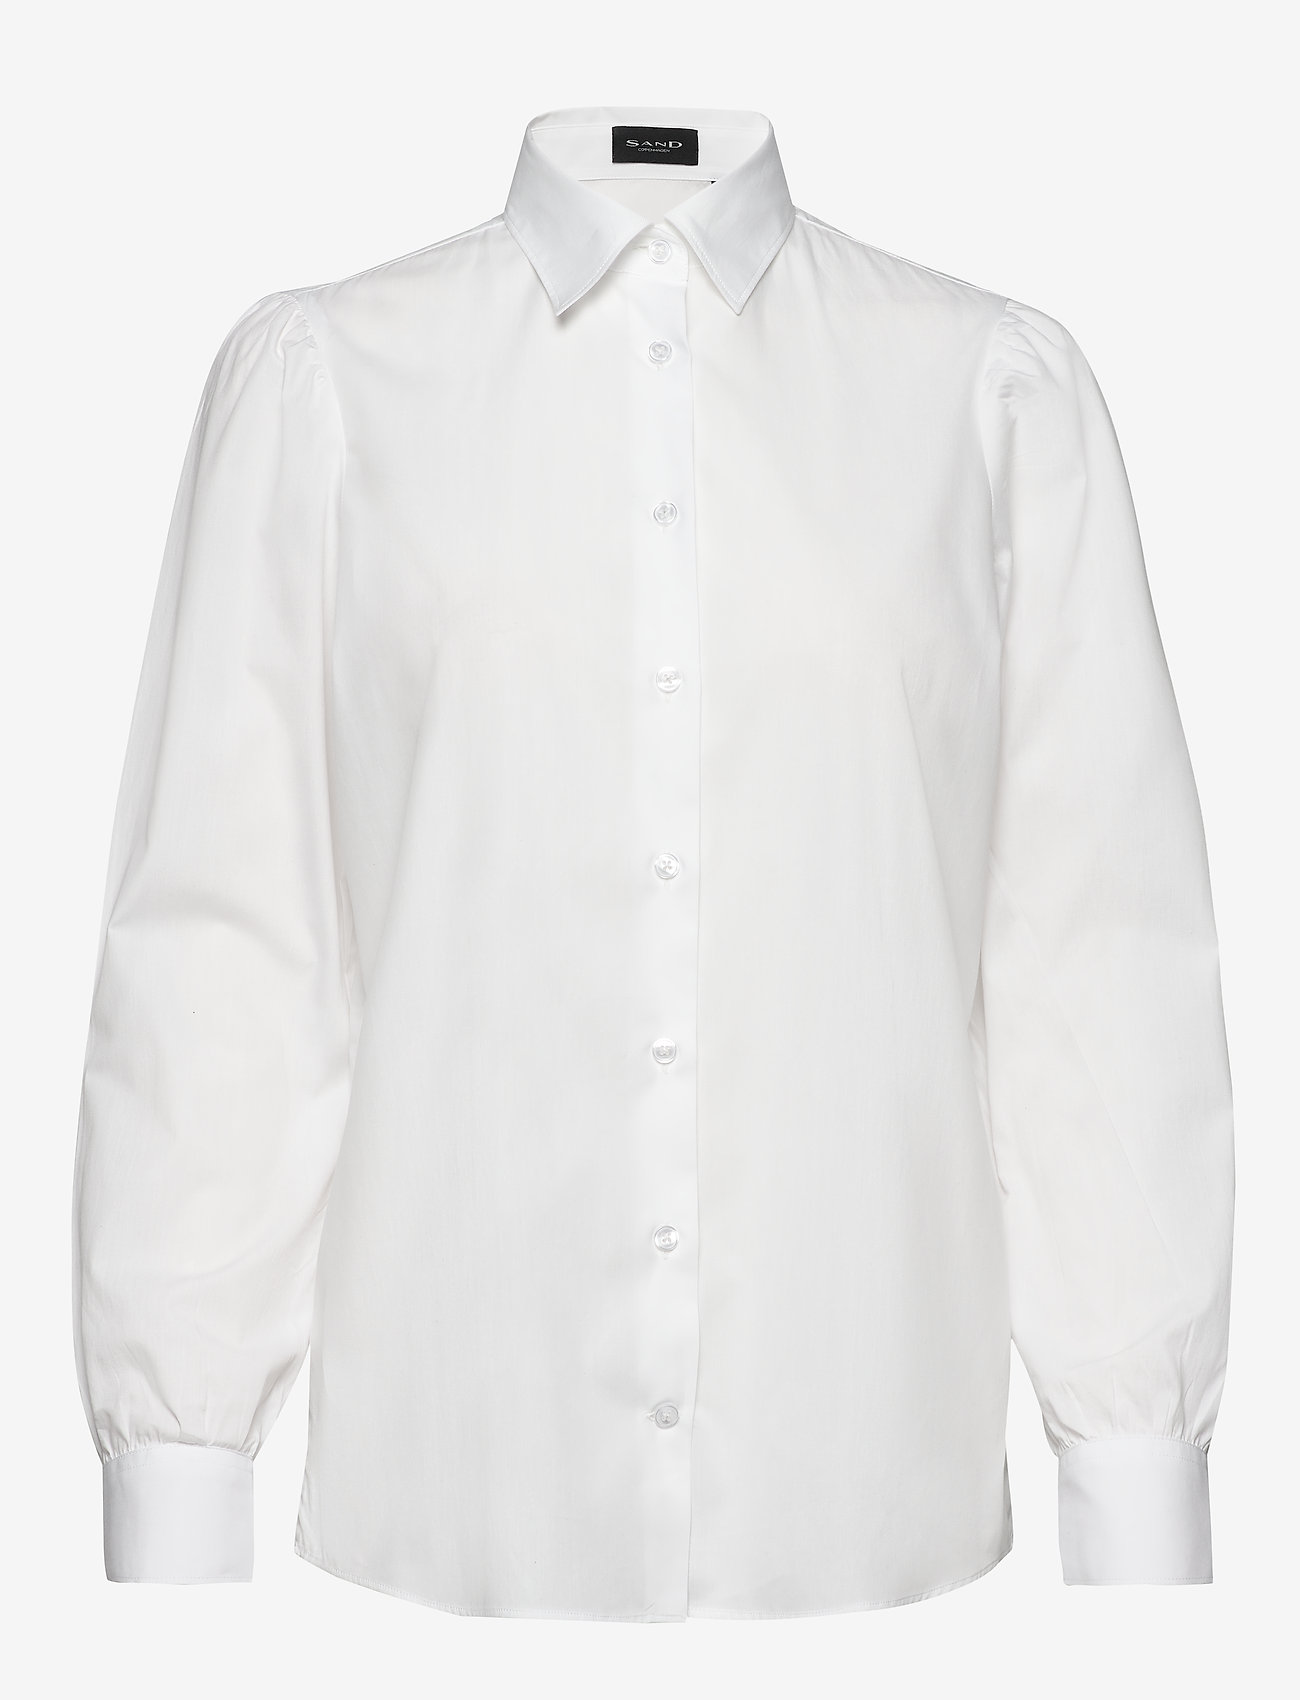 SAND - 8704 - Loreto - långärmade skjortor - optical white - 0